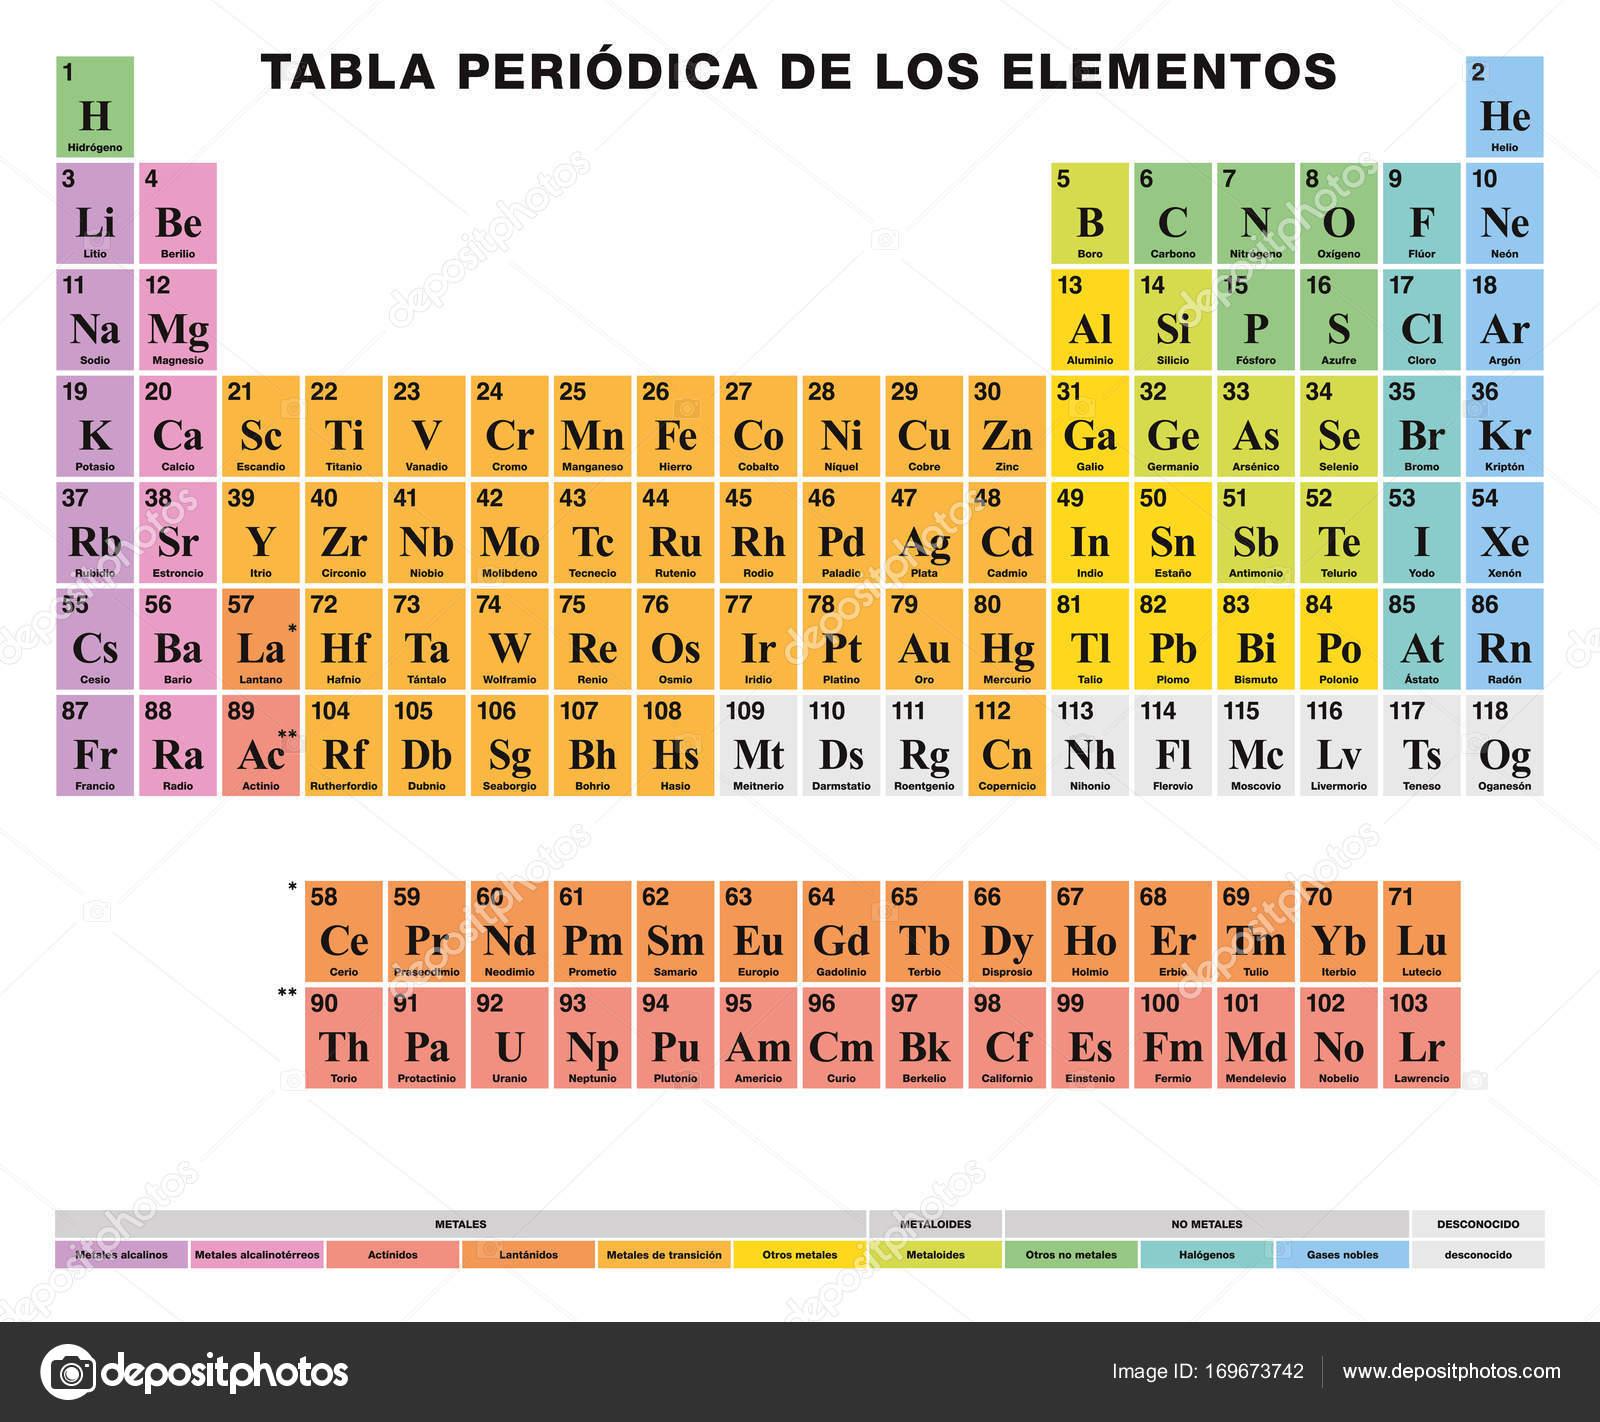 tabla peridica de los elementos espaol de etiquetado arreglo tabular de los 118 elementos qumicos nmeros atmicos smbolos nombres y clulas de - Tabla Periodica De Elementos Nombre Y Simbolo